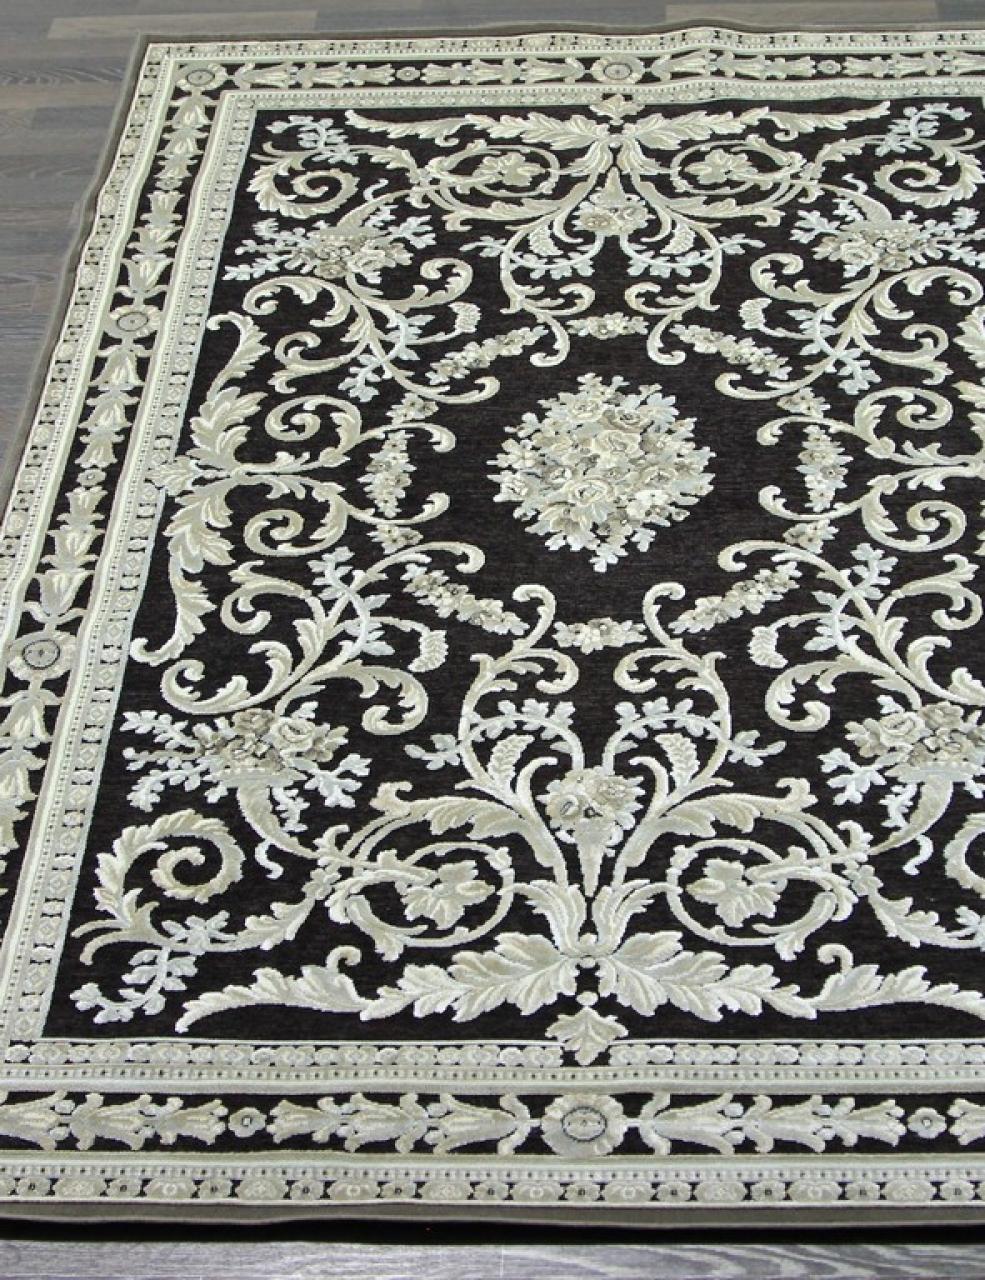 Ковер 38066 - 757570 - Прямоугольник - коллекция GENOVA - фото 2